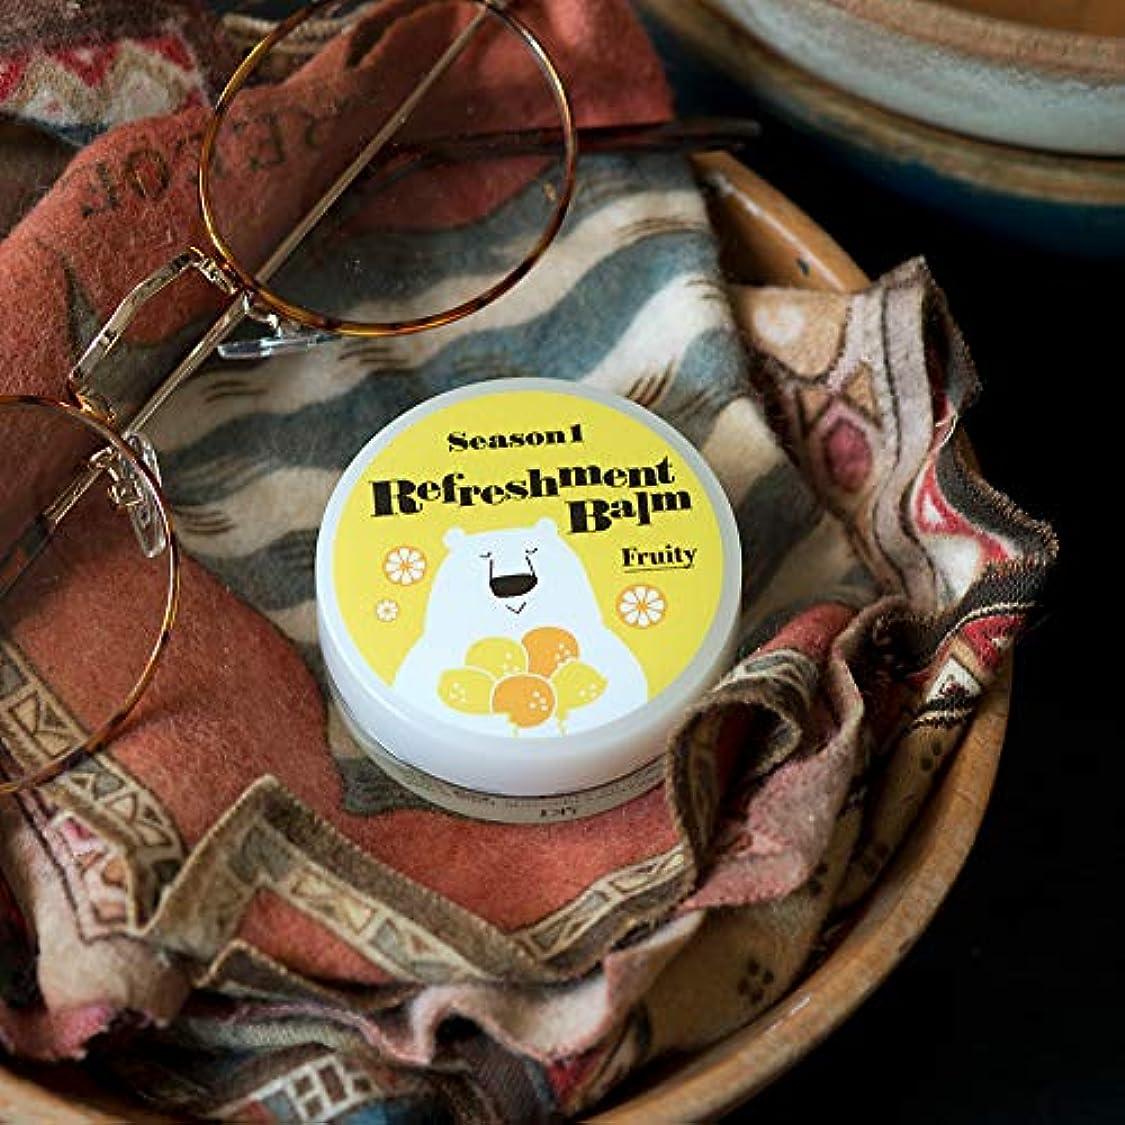 ワードローブ正確なぜ(美健)BIKEN カサカサ鼻にひと塗り リフレッシュメントバーム フルーティ エッセンシャルオイル(精油)のみで香り付け